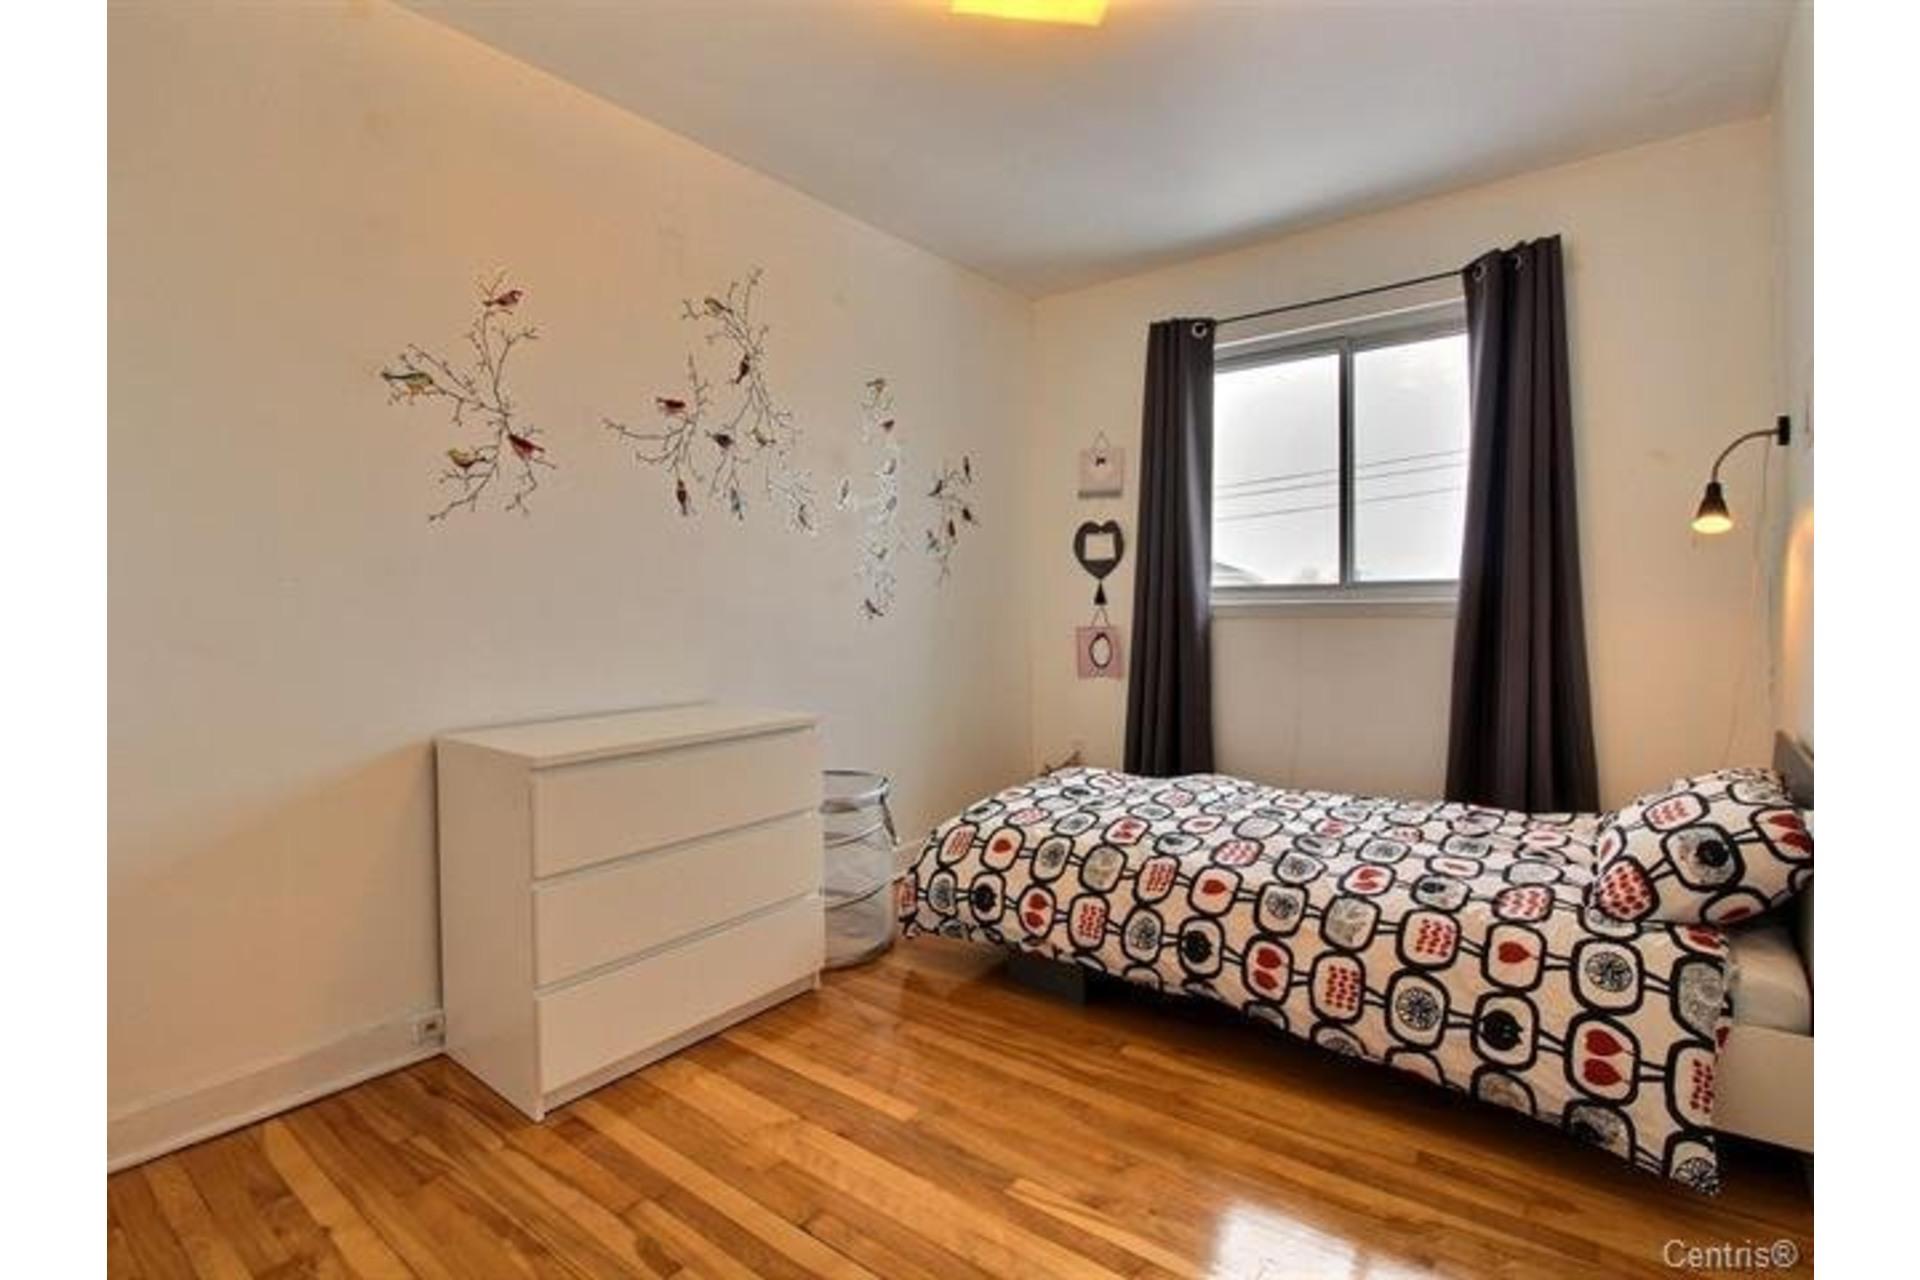 image 13 - Apartment For rent Montréal Mercier/Hochelaga-Maisonneuve  - 7 rooms